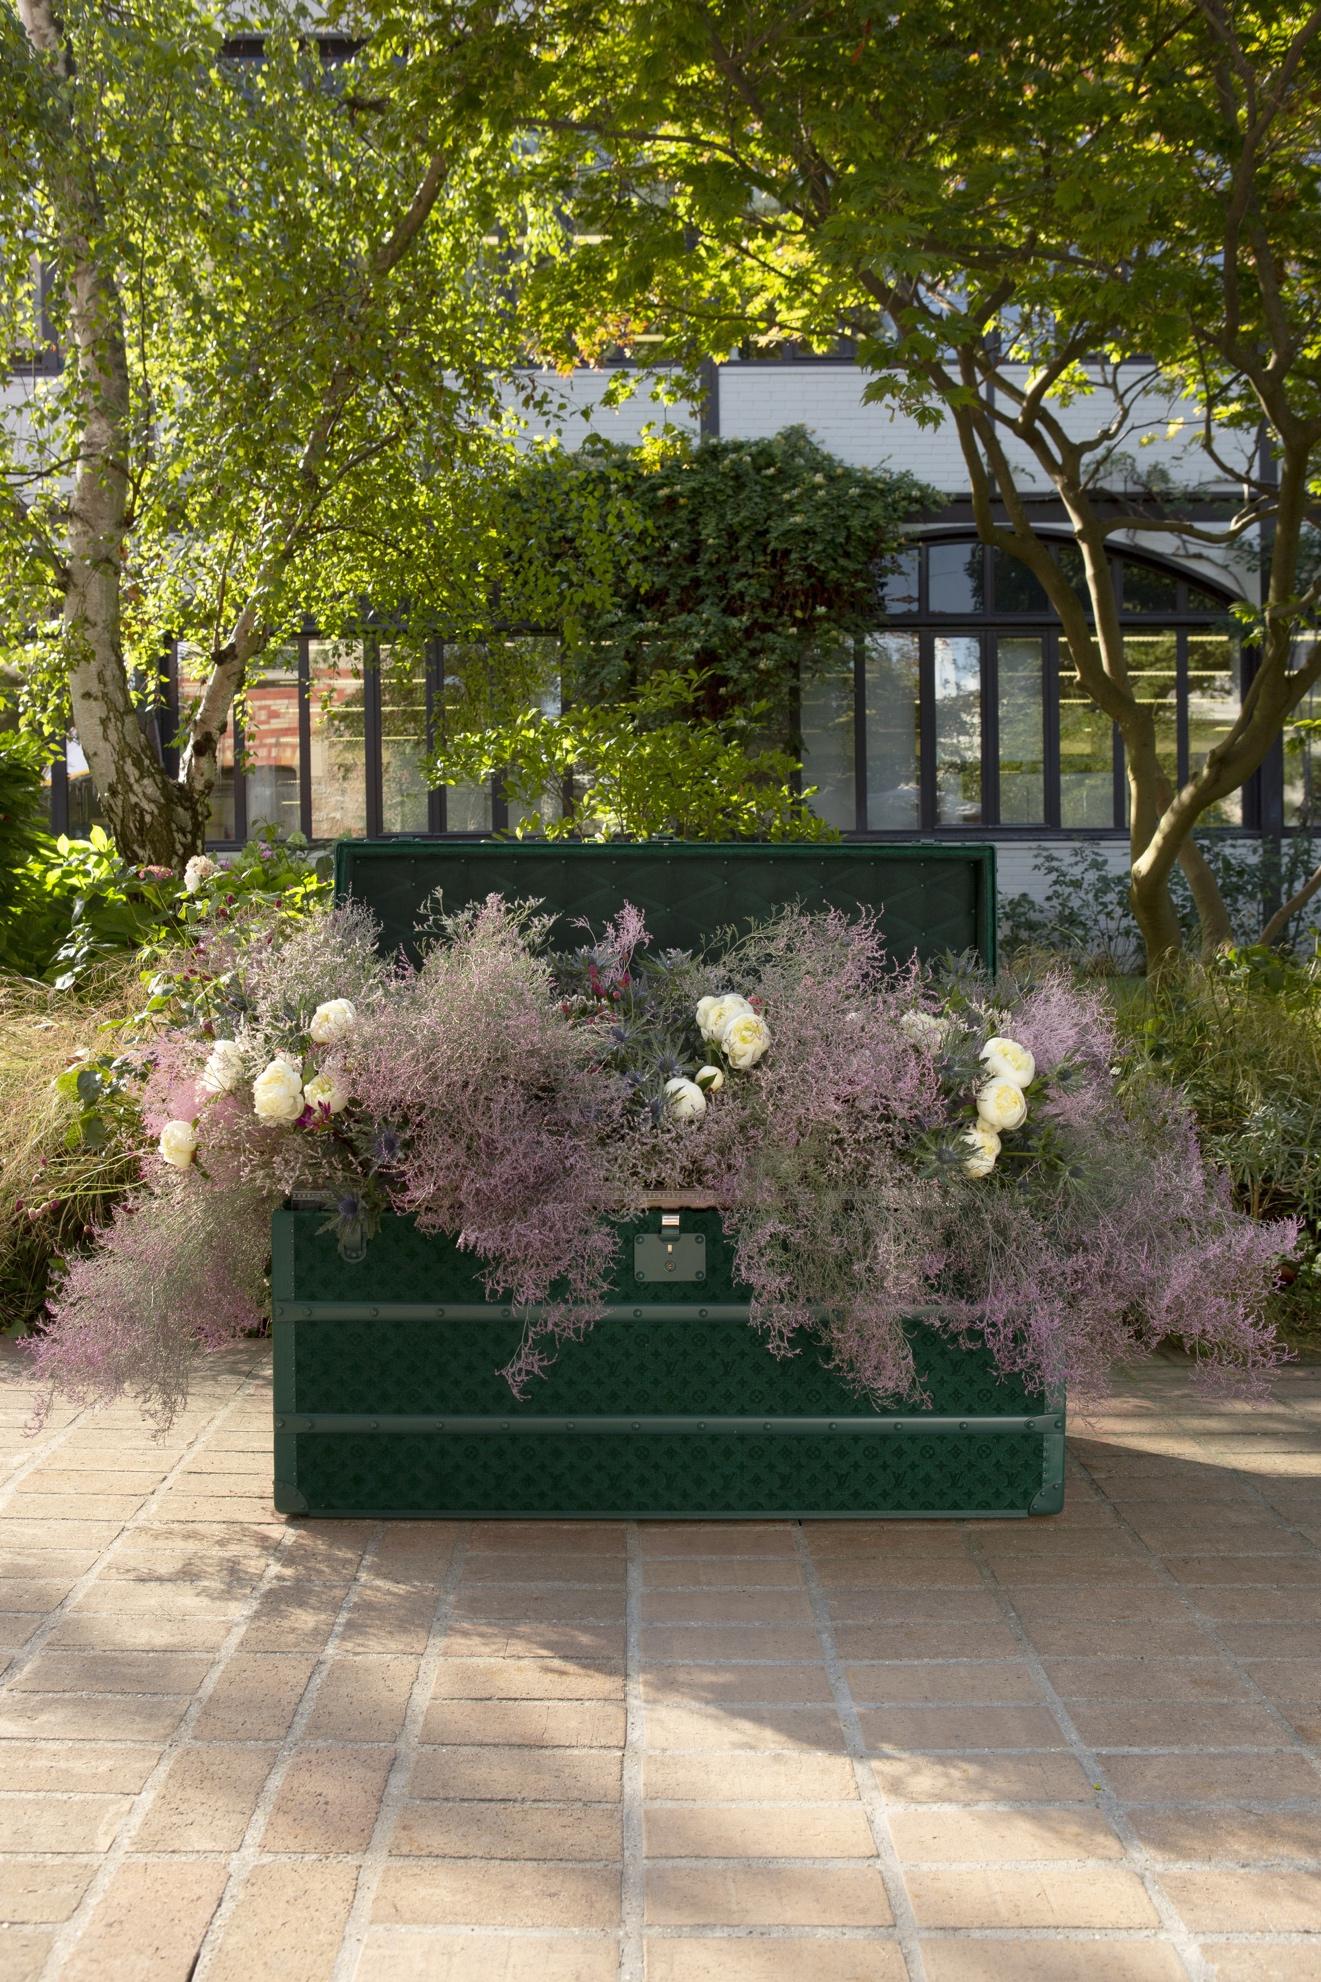 Malle Fleurs - rương được trang trí đặc biệt với hoa tươi, nét văn hóa truyền cảm hứng, có thể cho hoa, nước hoặc đất vào khay mà không bị hỏng.